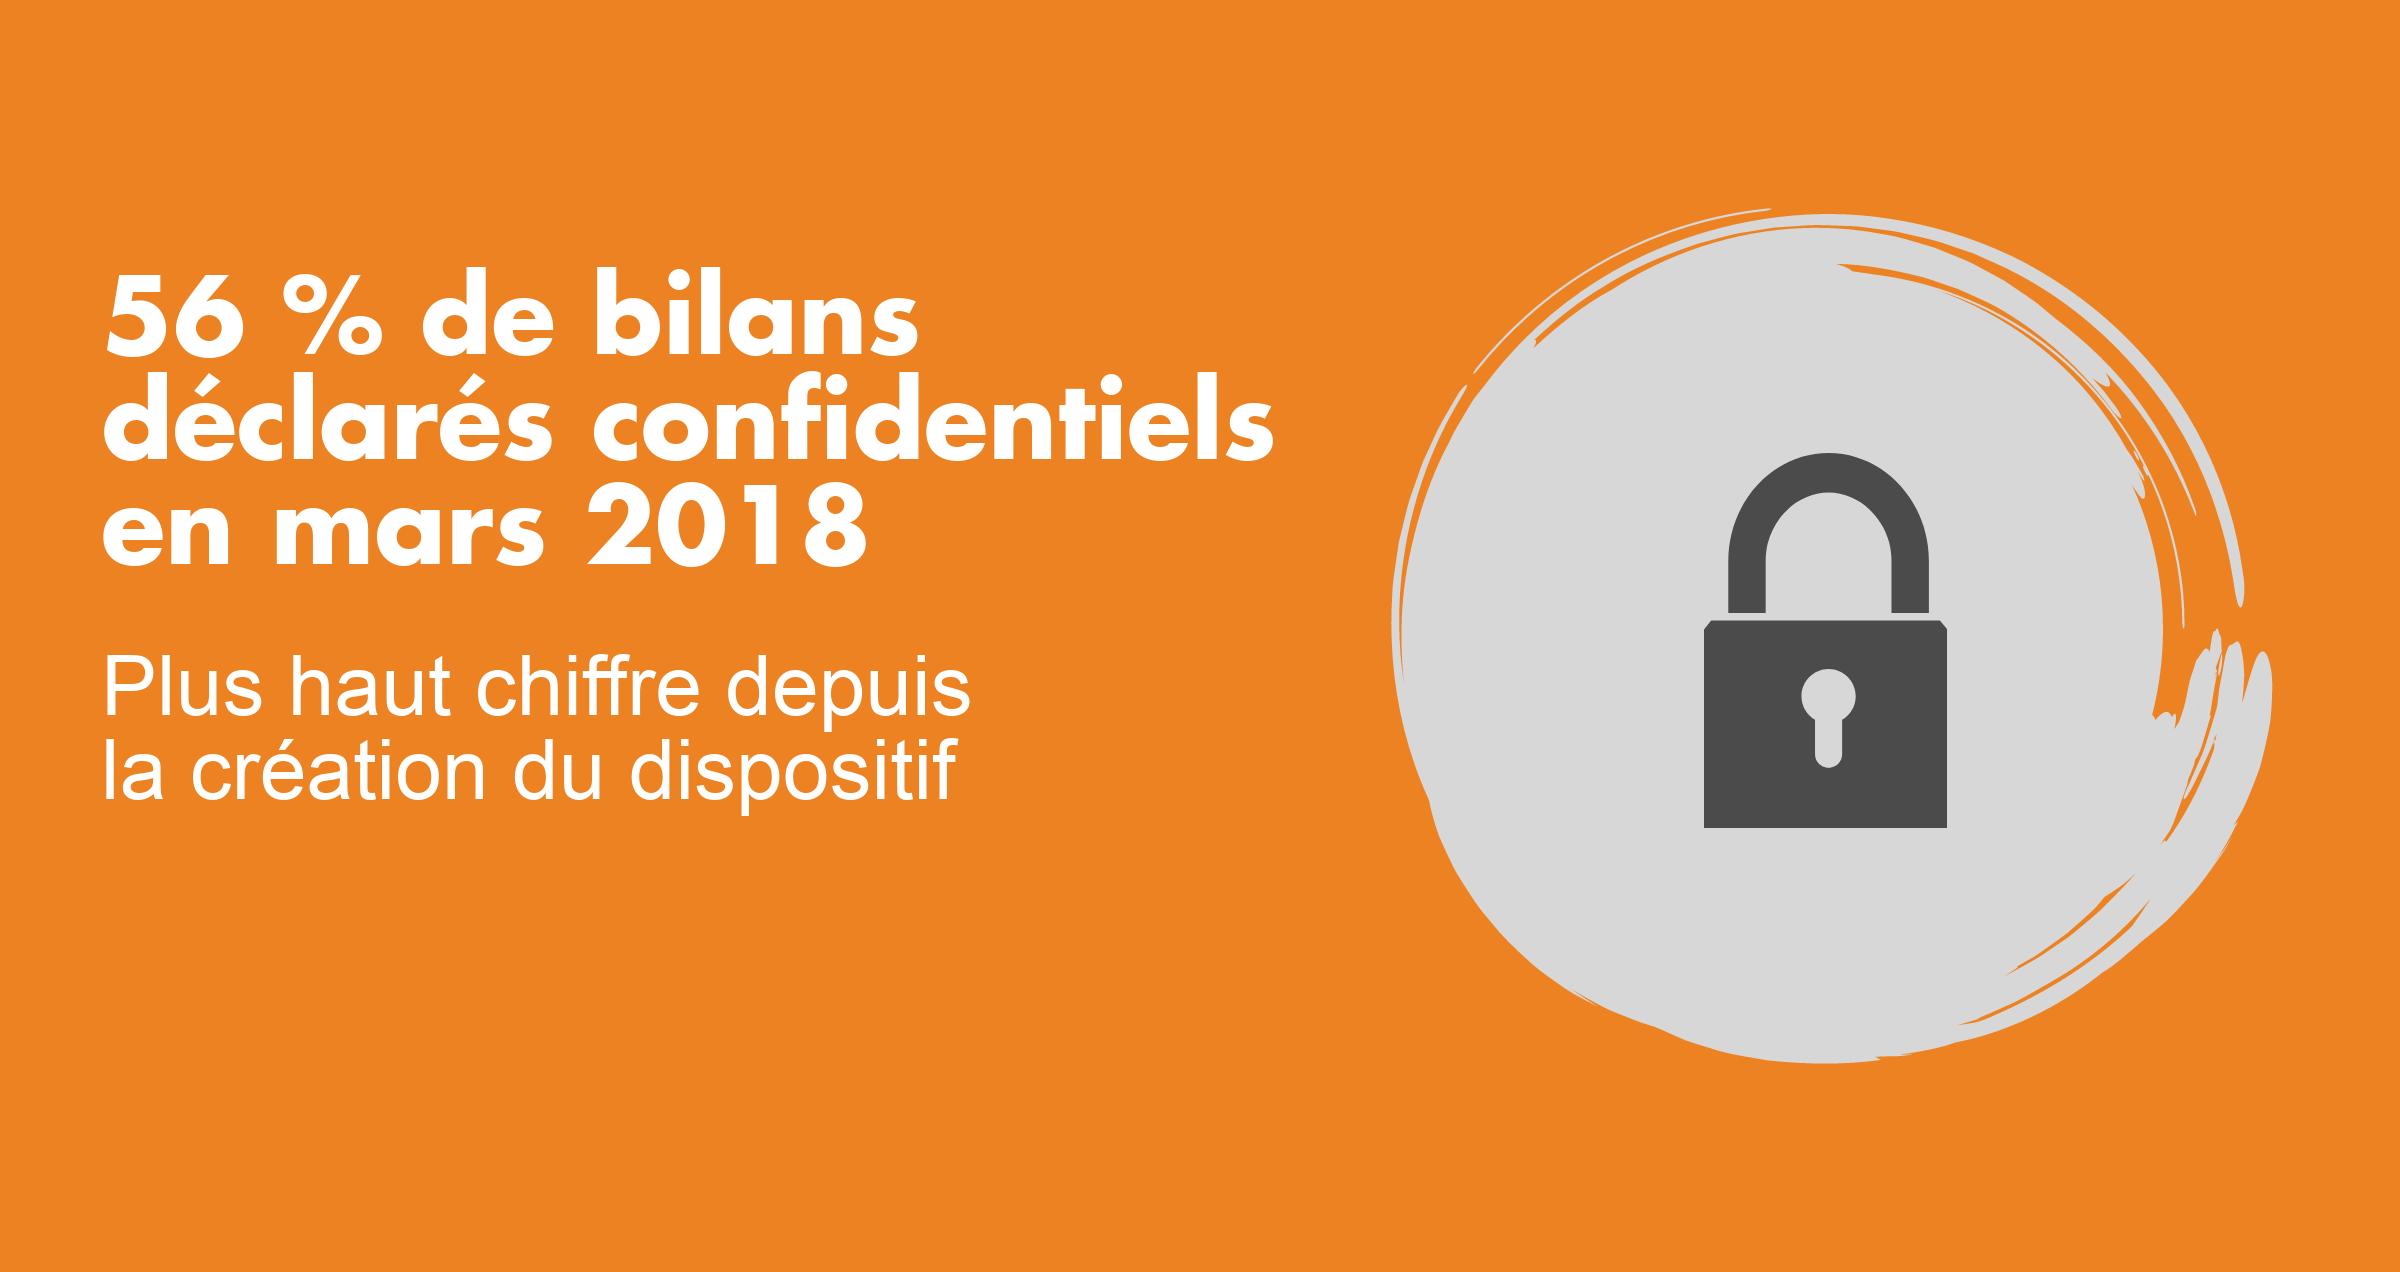 56 % de bilans déclarés confidentiels en mars 2018 : plus haut chiffre depuis la création du dispositif